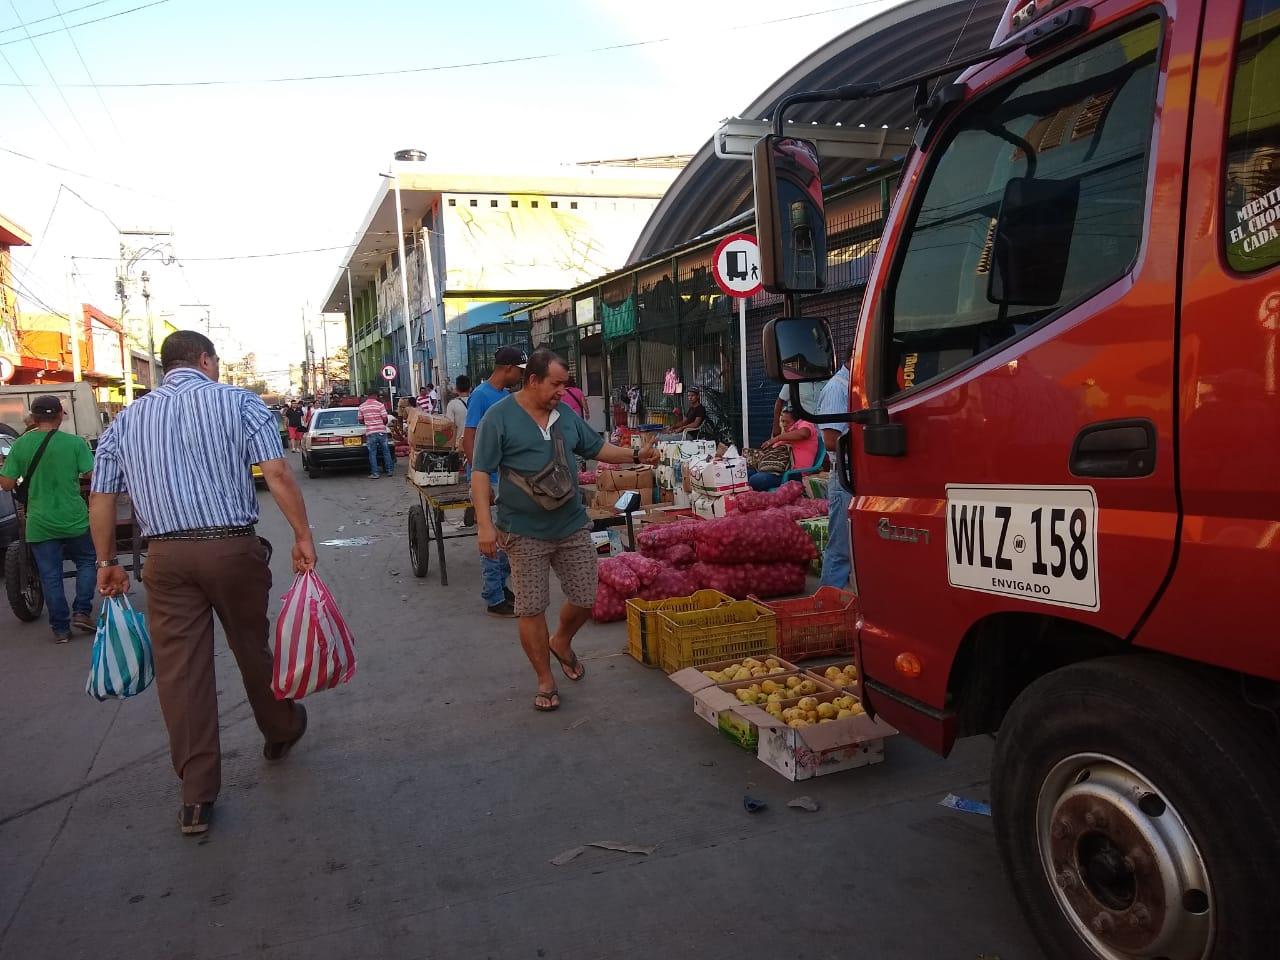 Vuelven los vendedores ambulantes a las calles del Mercado